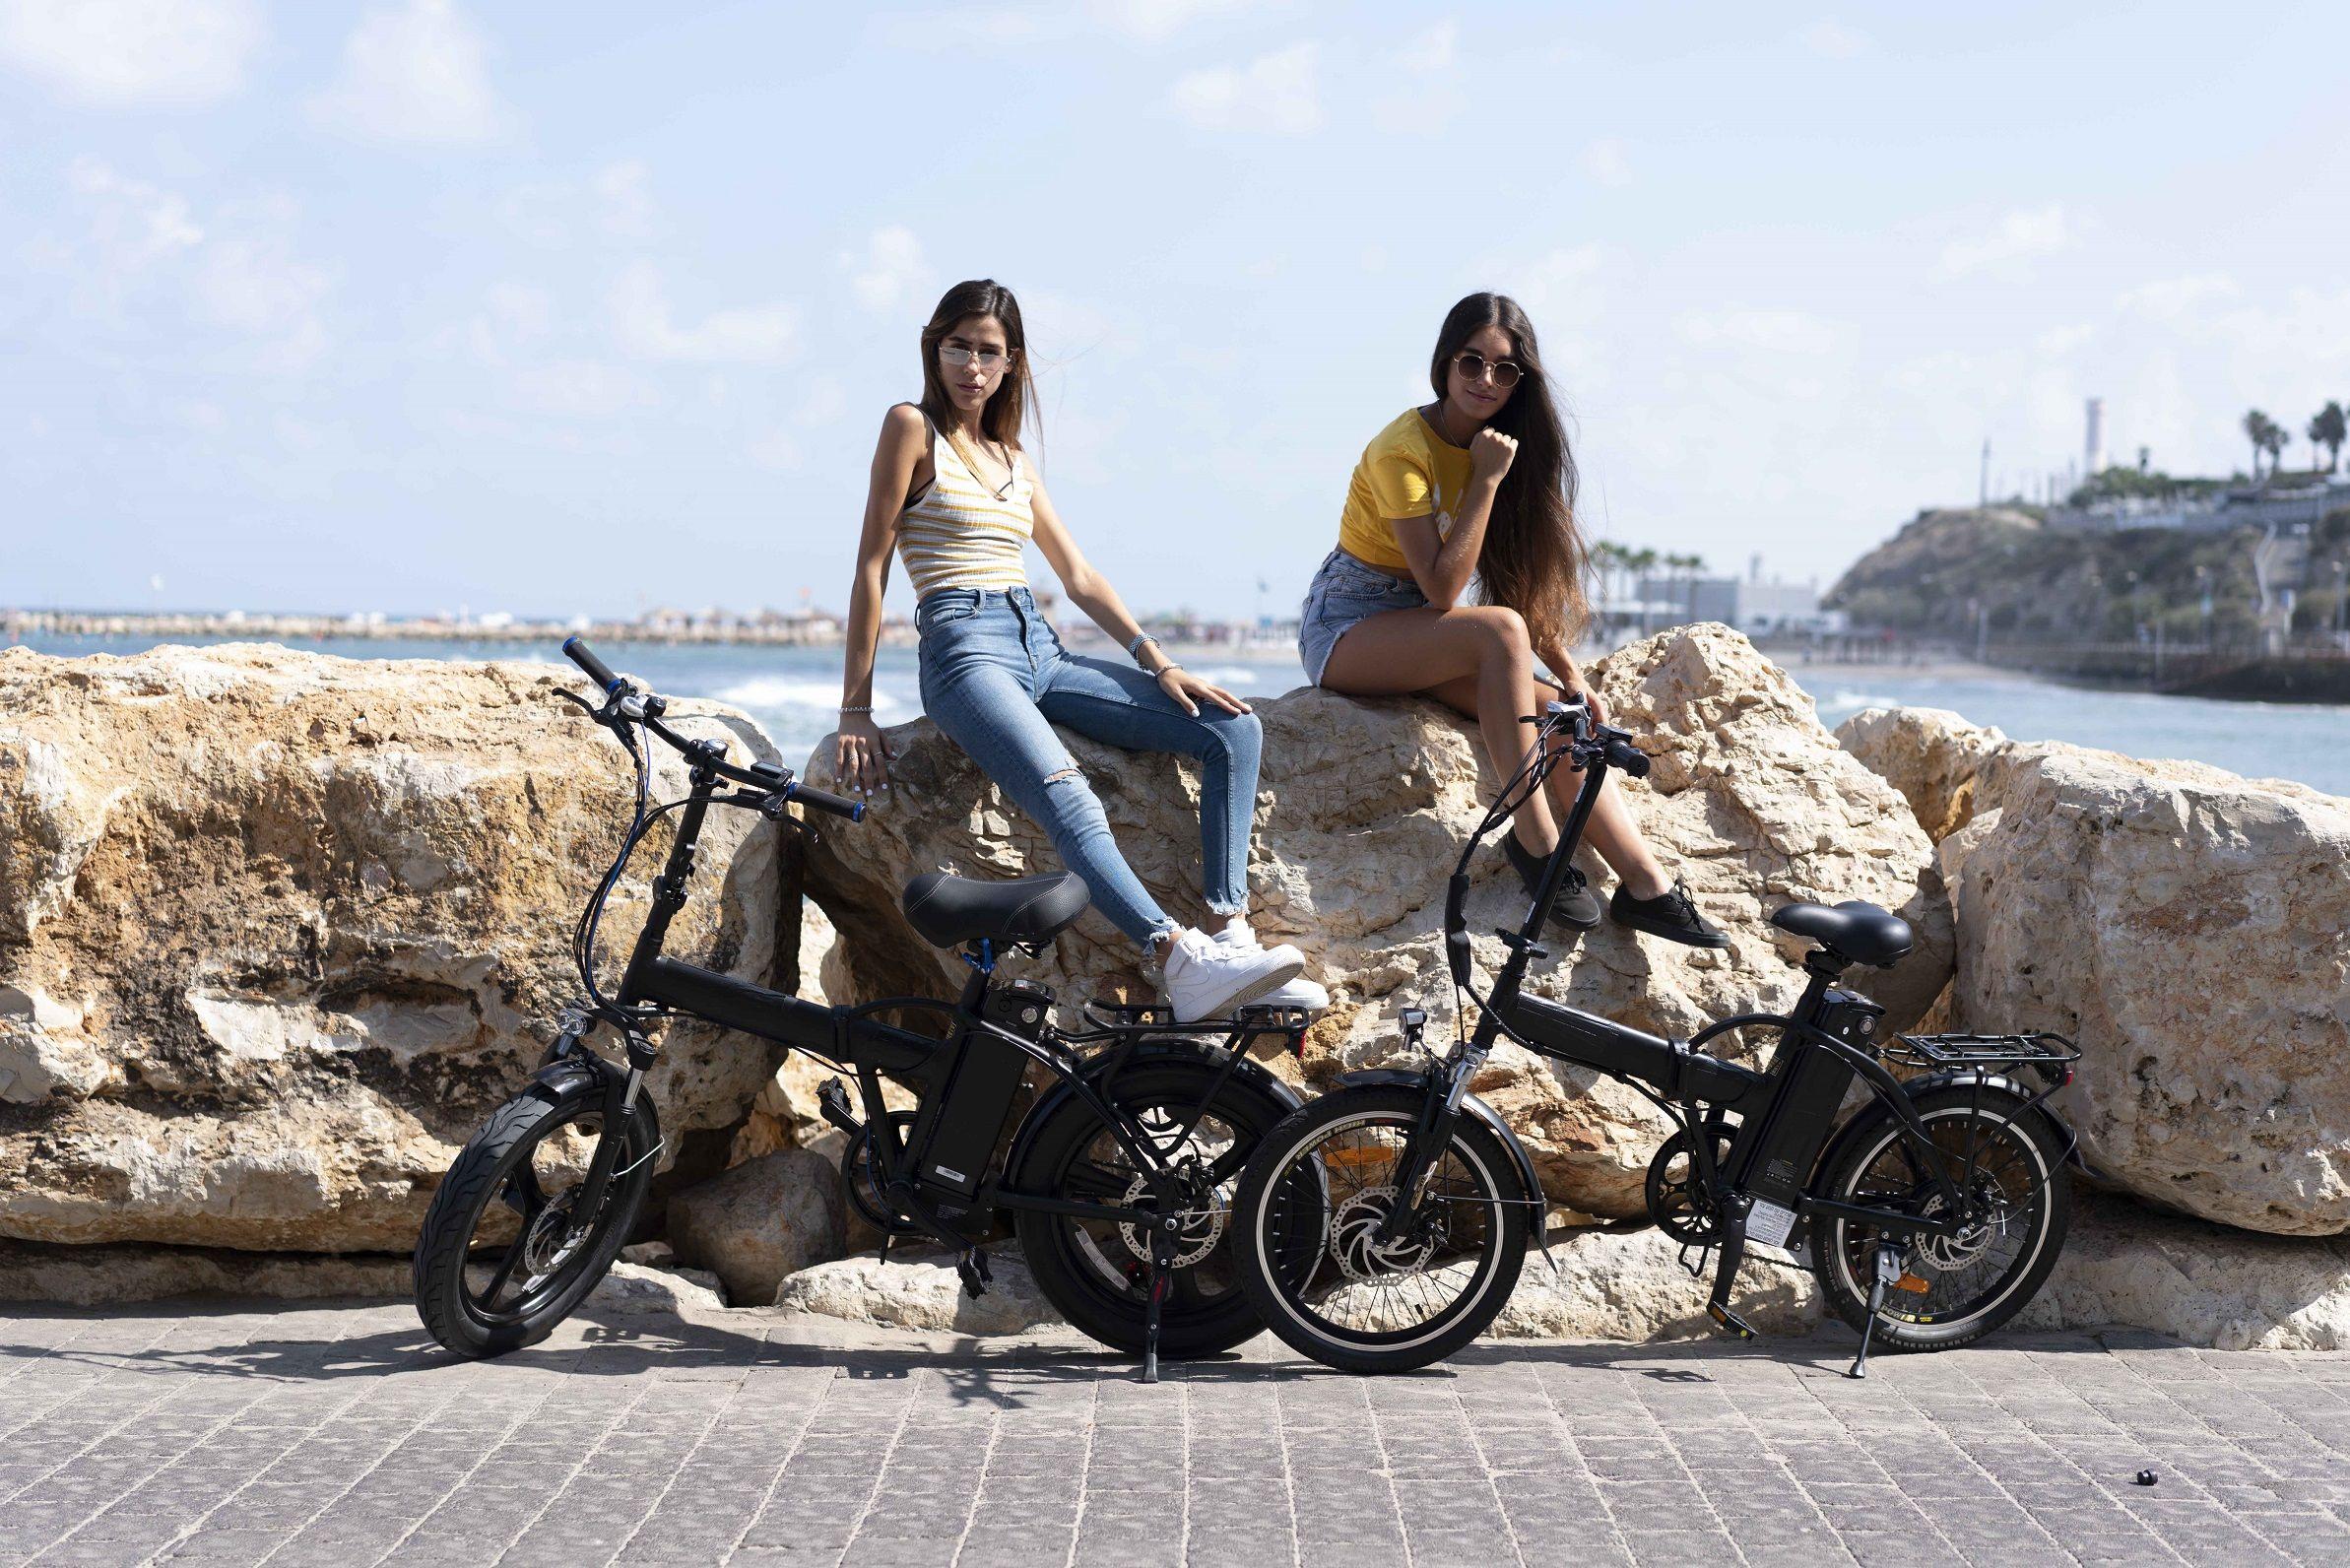 אריה אופניים, אופניים חשמליים מומלצים בטבריה, חנות אופניים מומלצת בטבריה